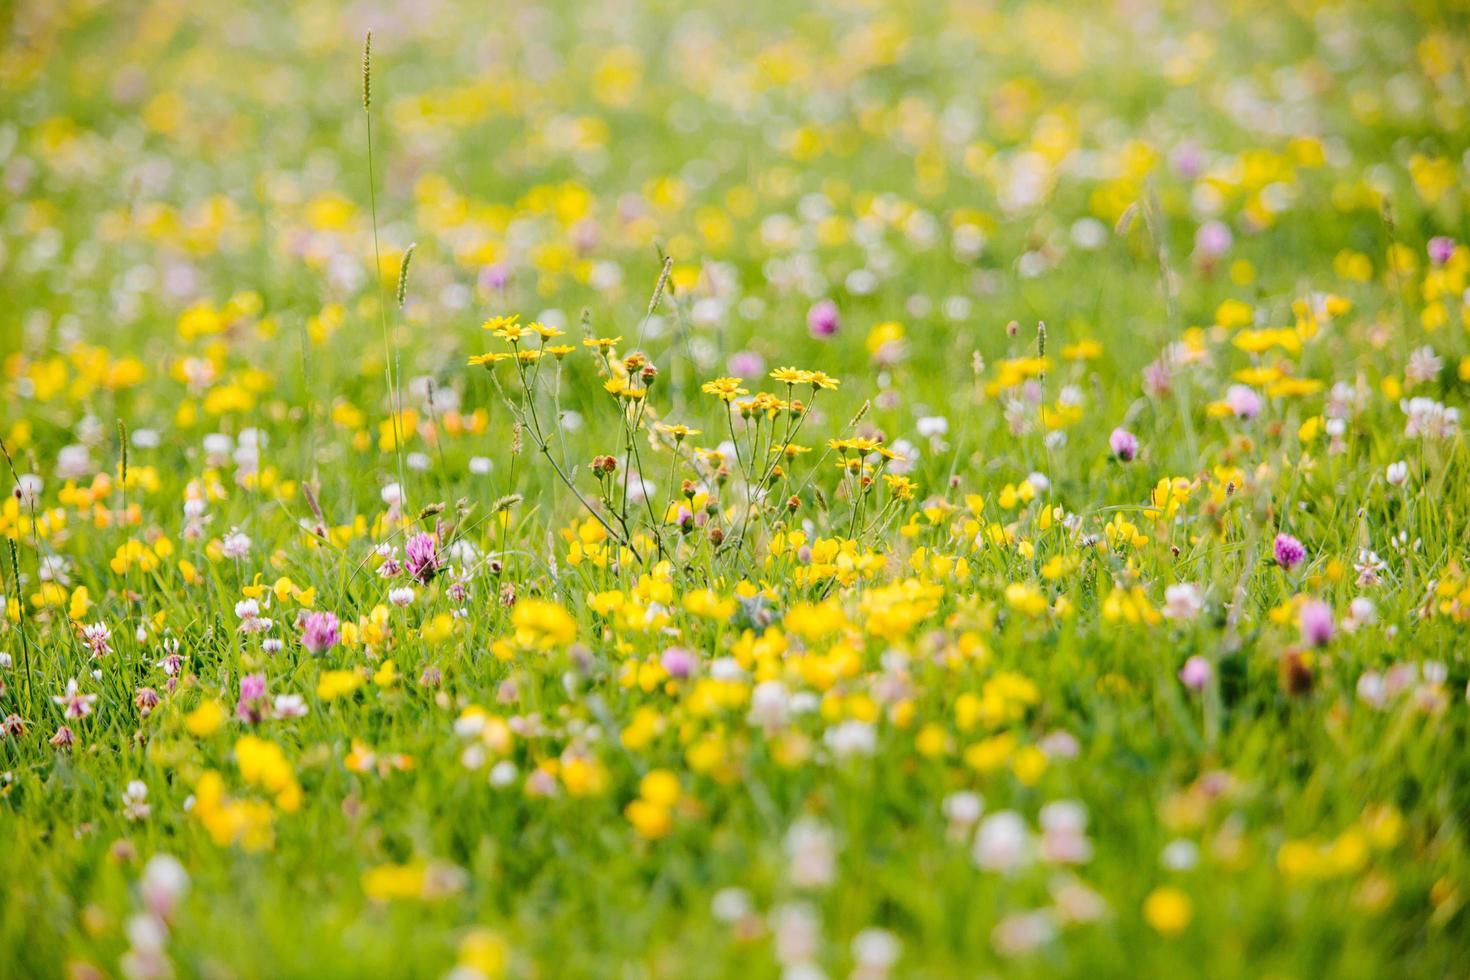 campo di fiori gialli durante il giorno foto